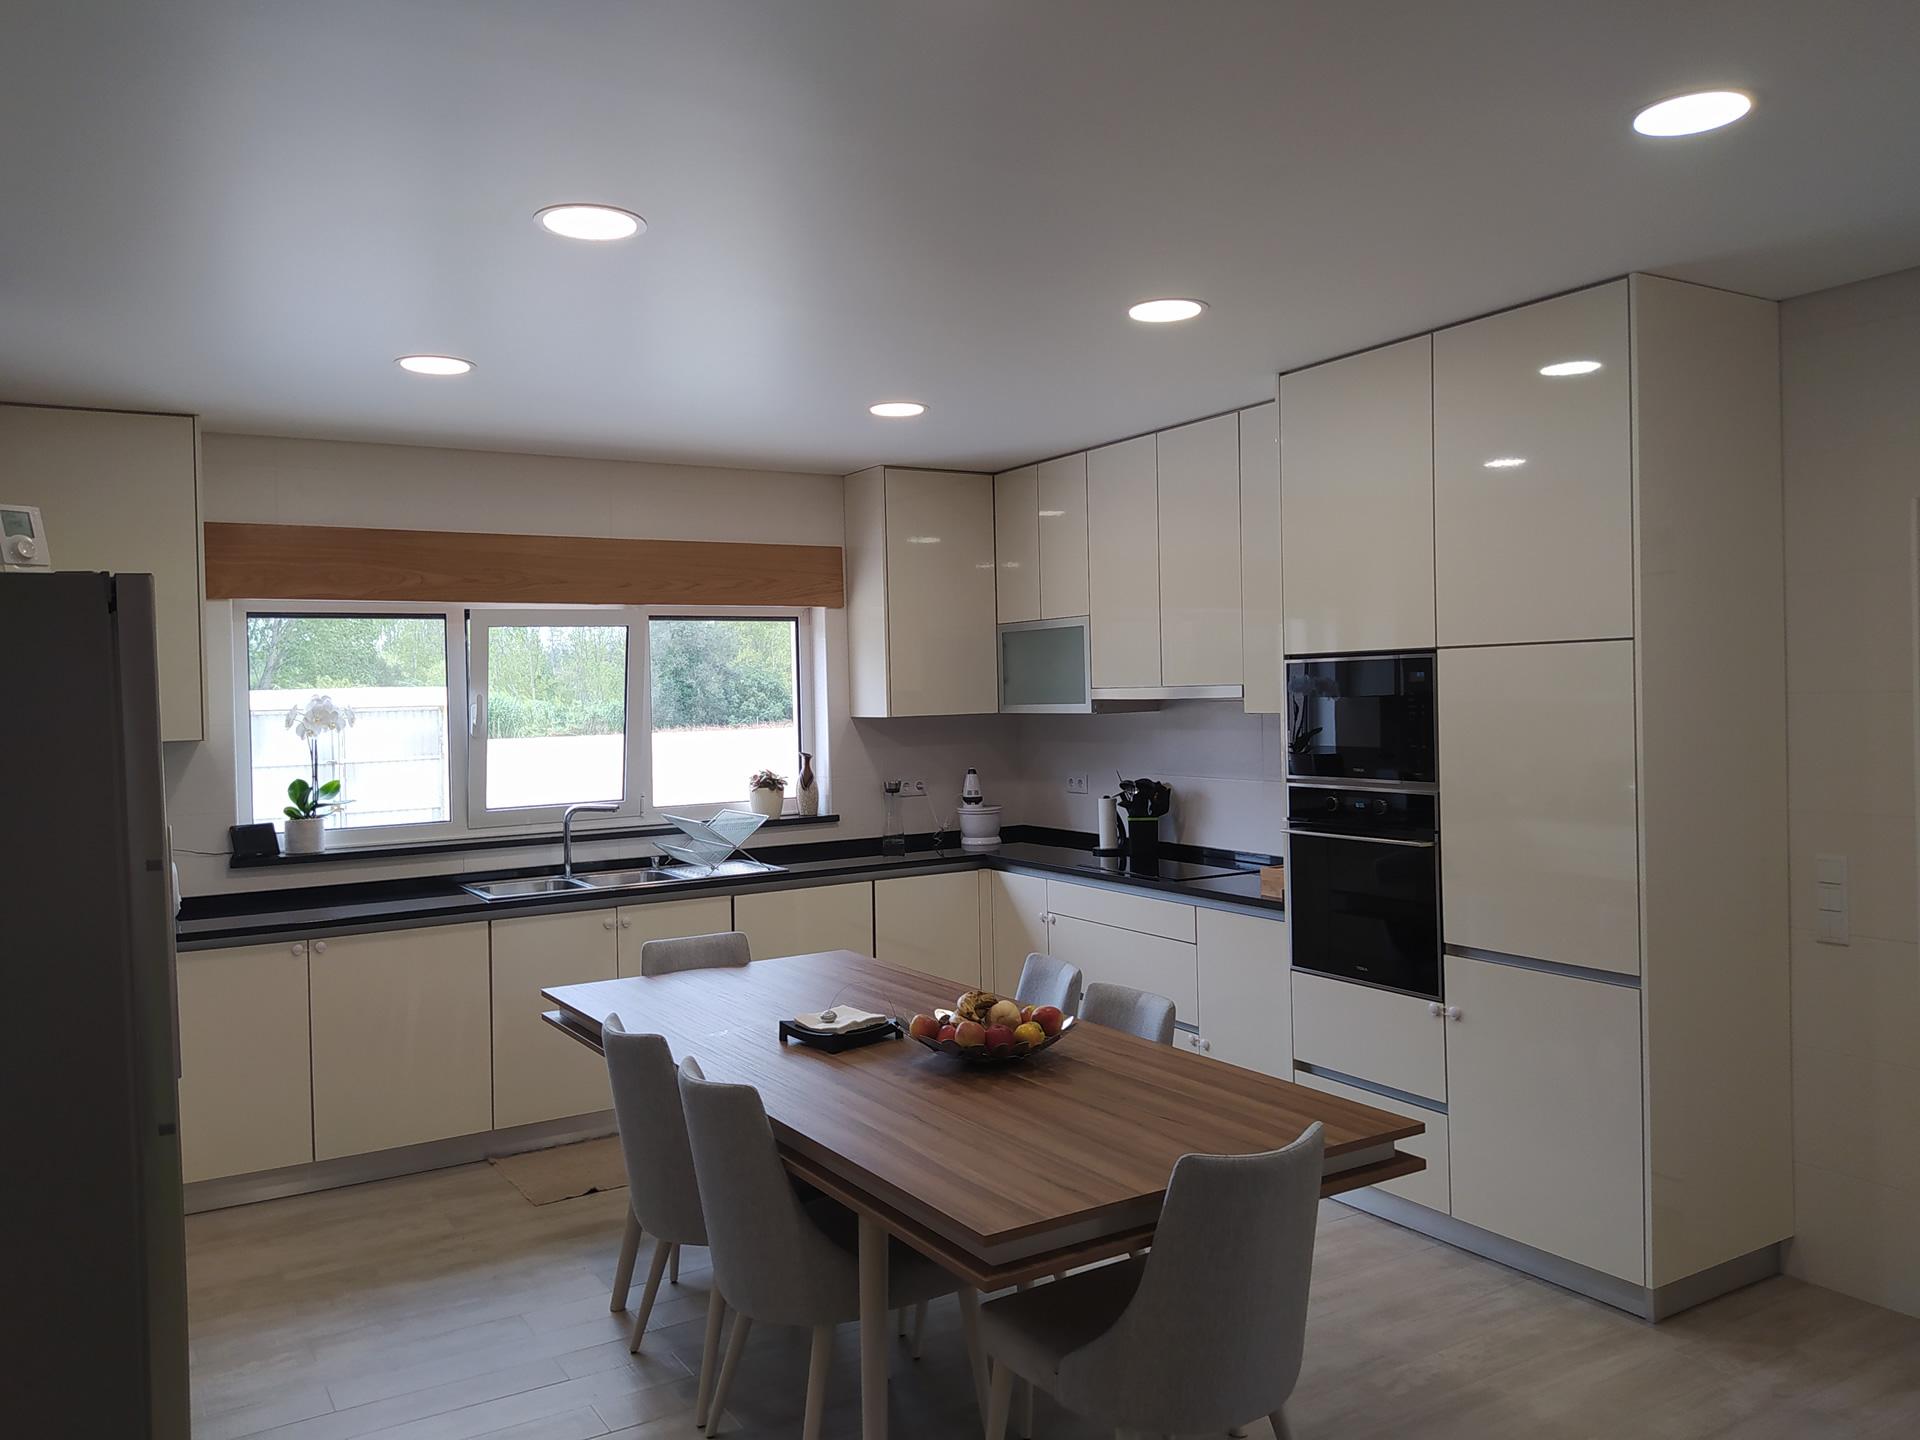 Cozinha em Termolaminado Creme Marfil Brilhante com puxador de perfil em alumínio